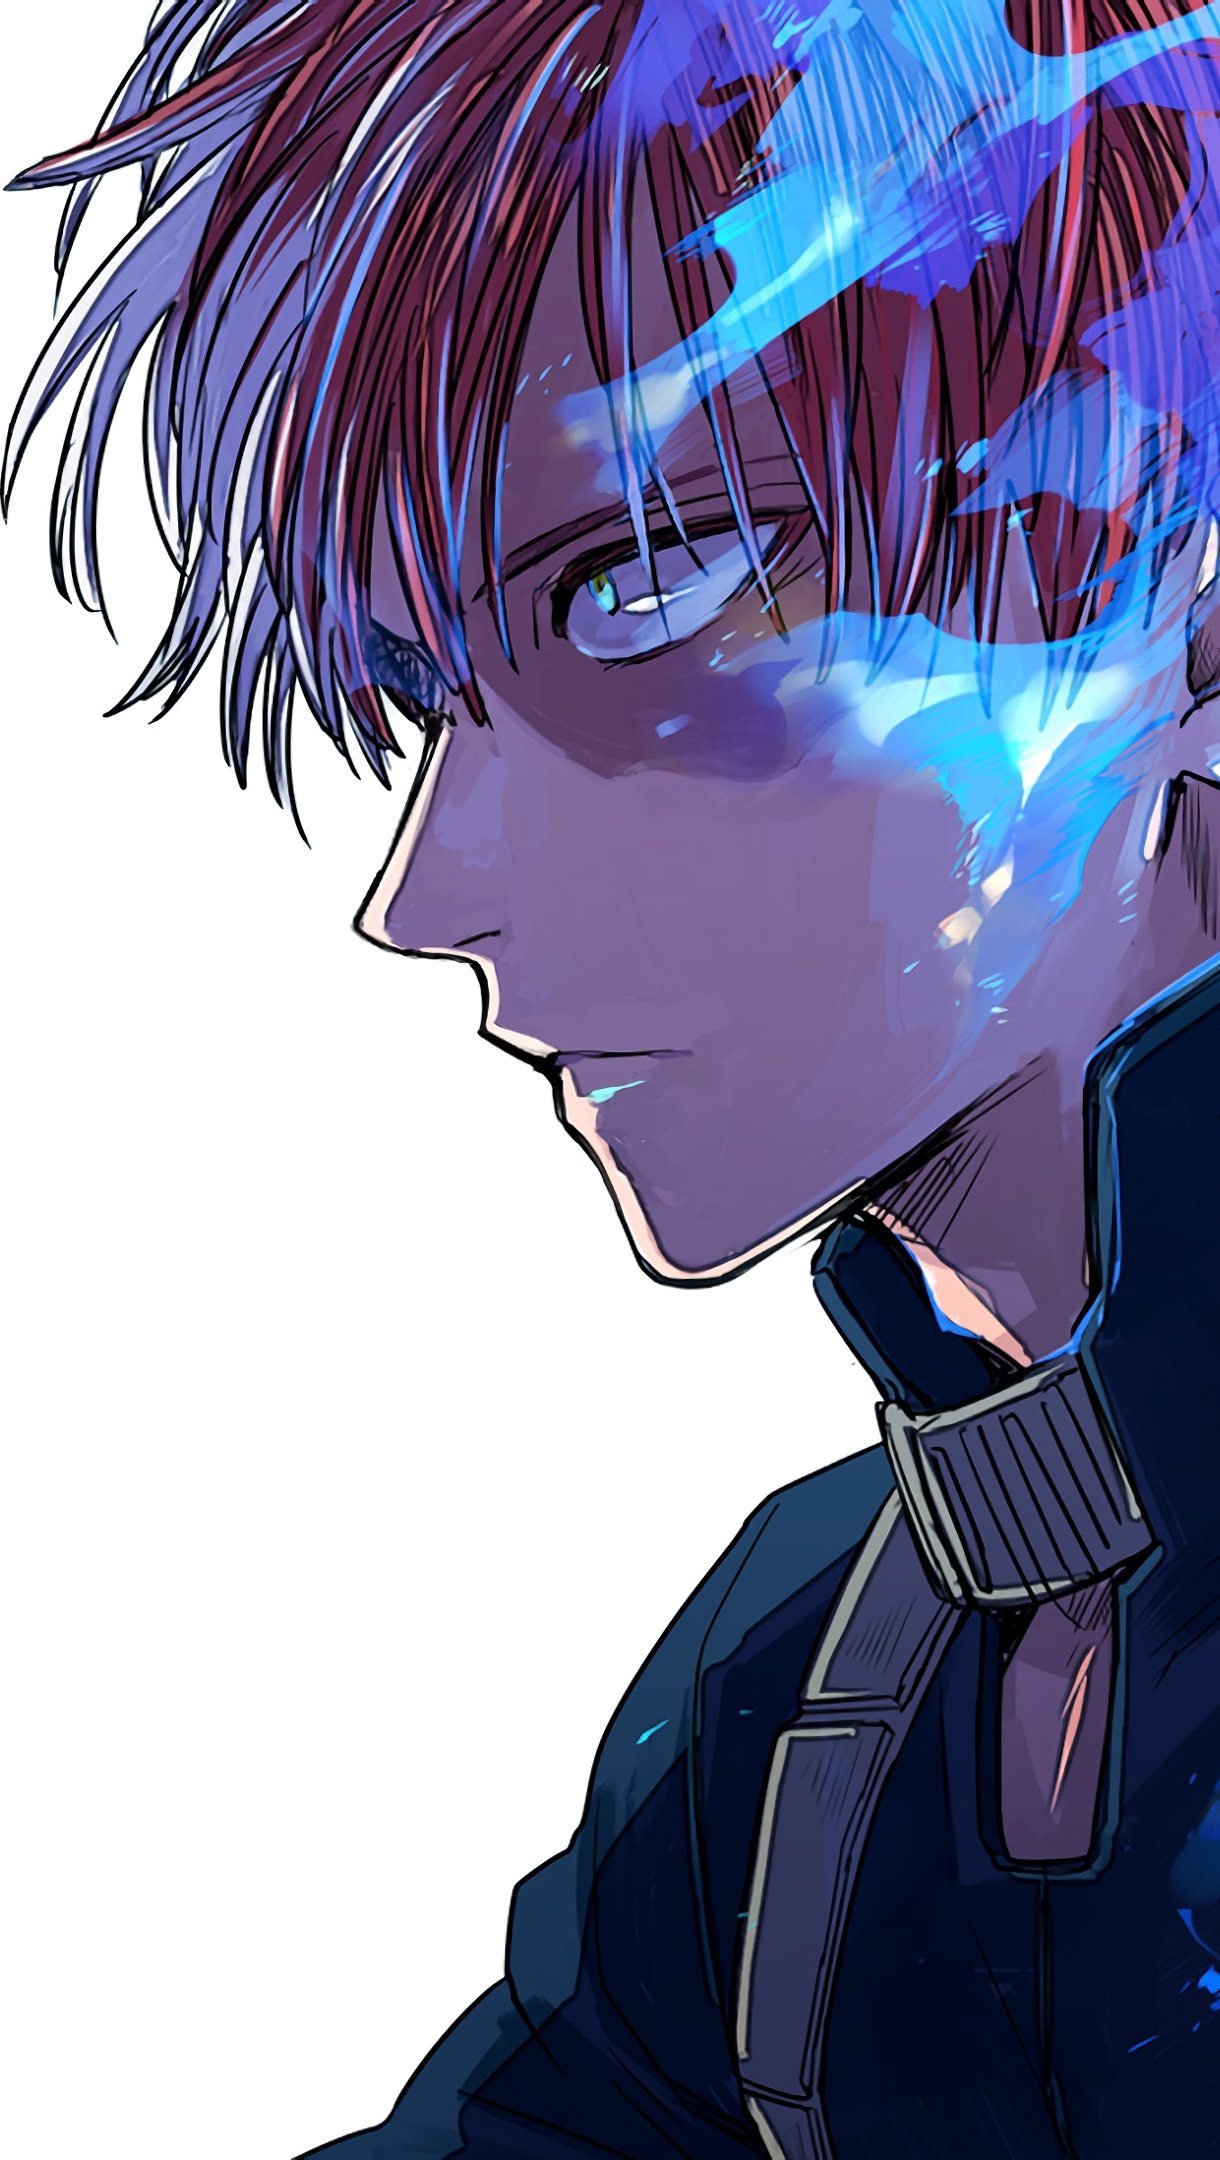 Fondos de pantalla Anime Shoto Todoroki My Hero Academia Vertical